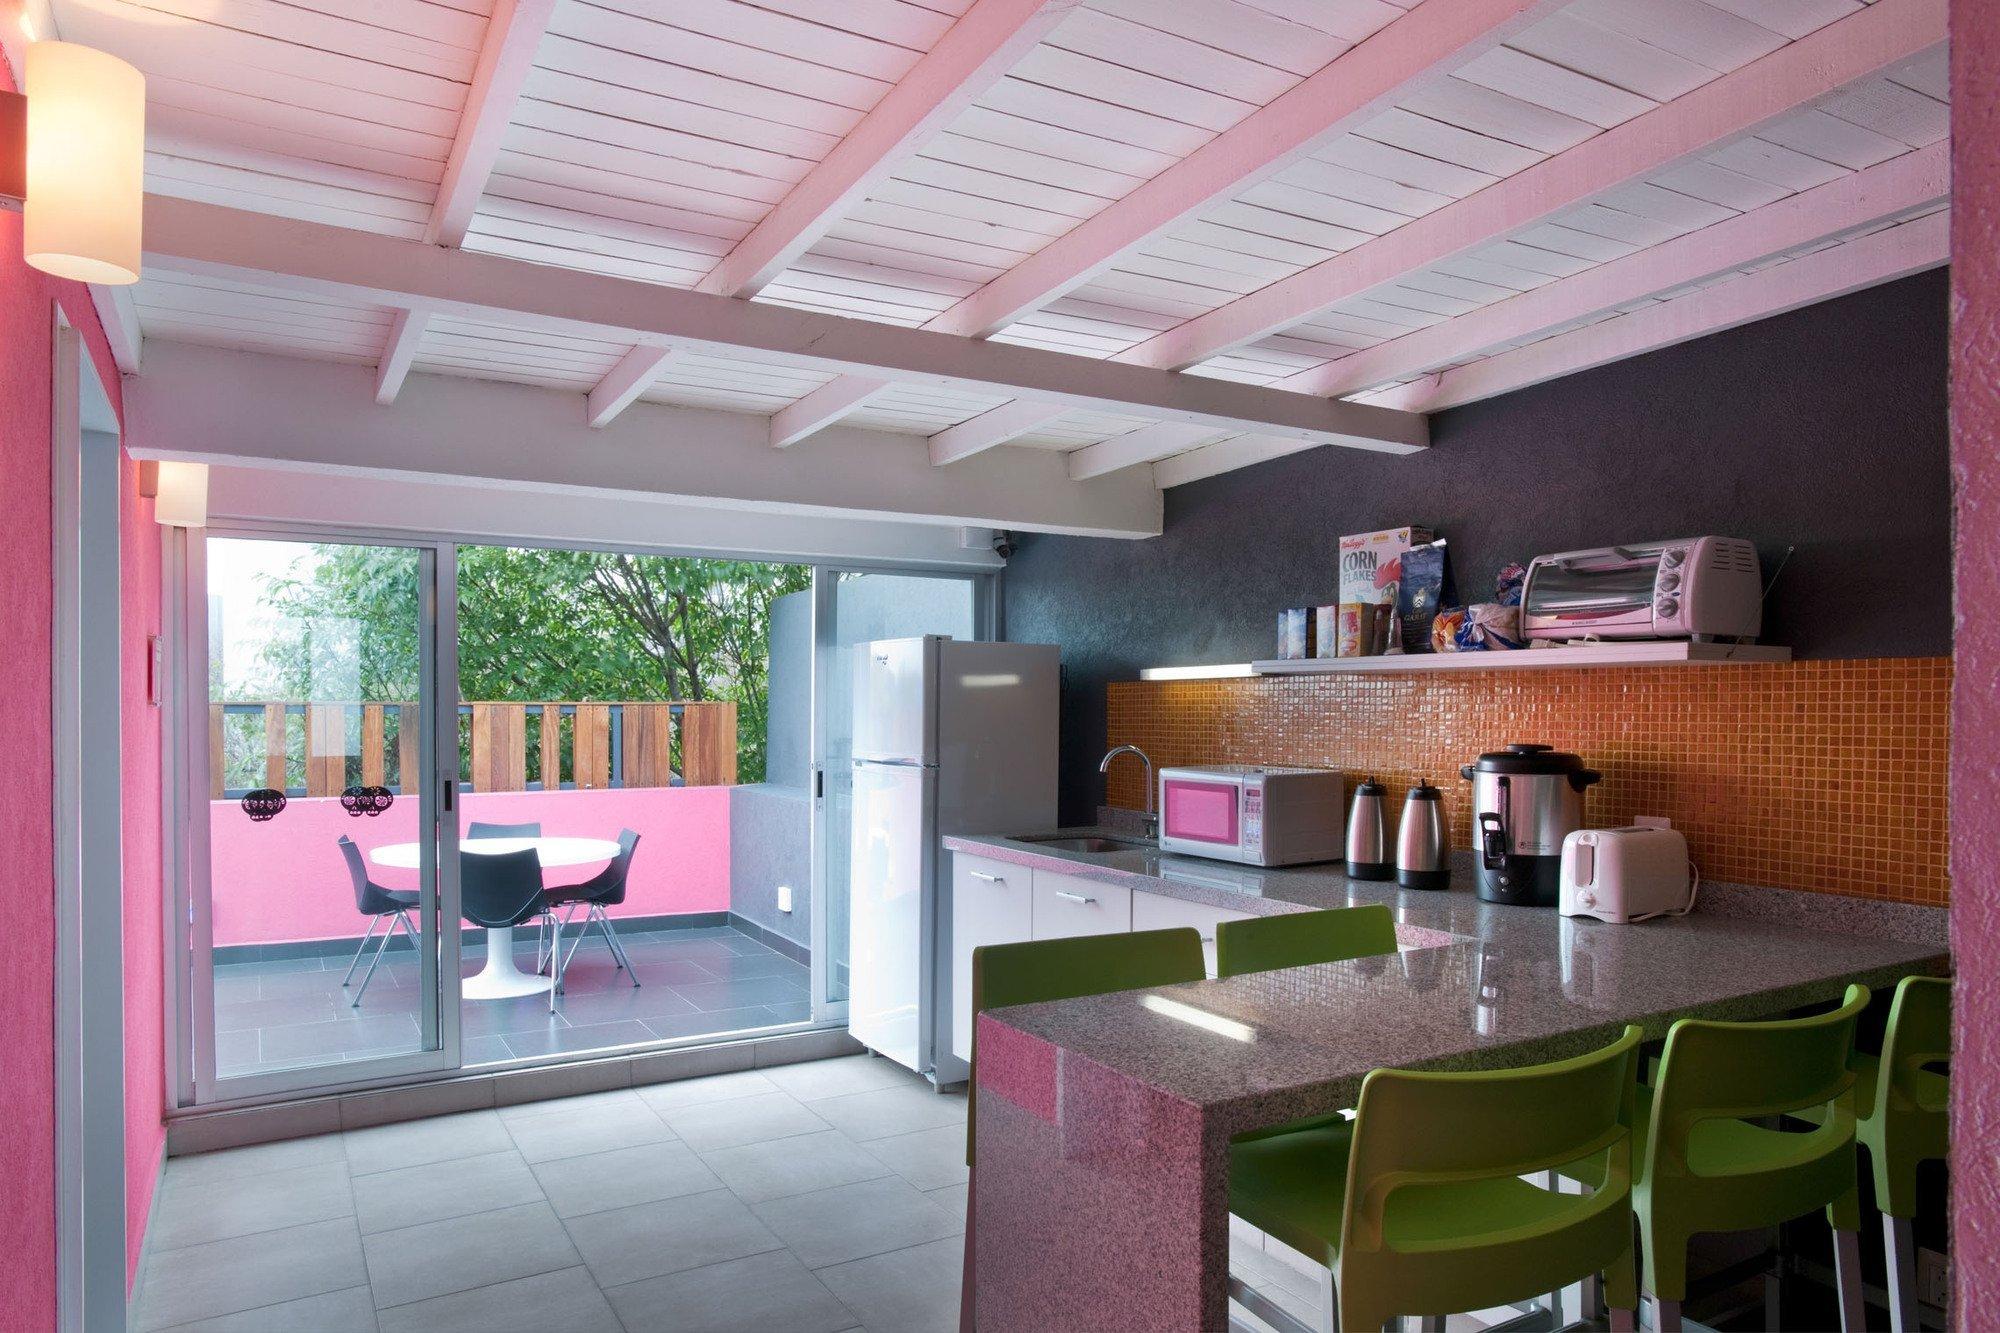 Gallery of hostel la buena vida arco arquitectura contempor nea 10 - Estilo arquitectura contemporaneo ...